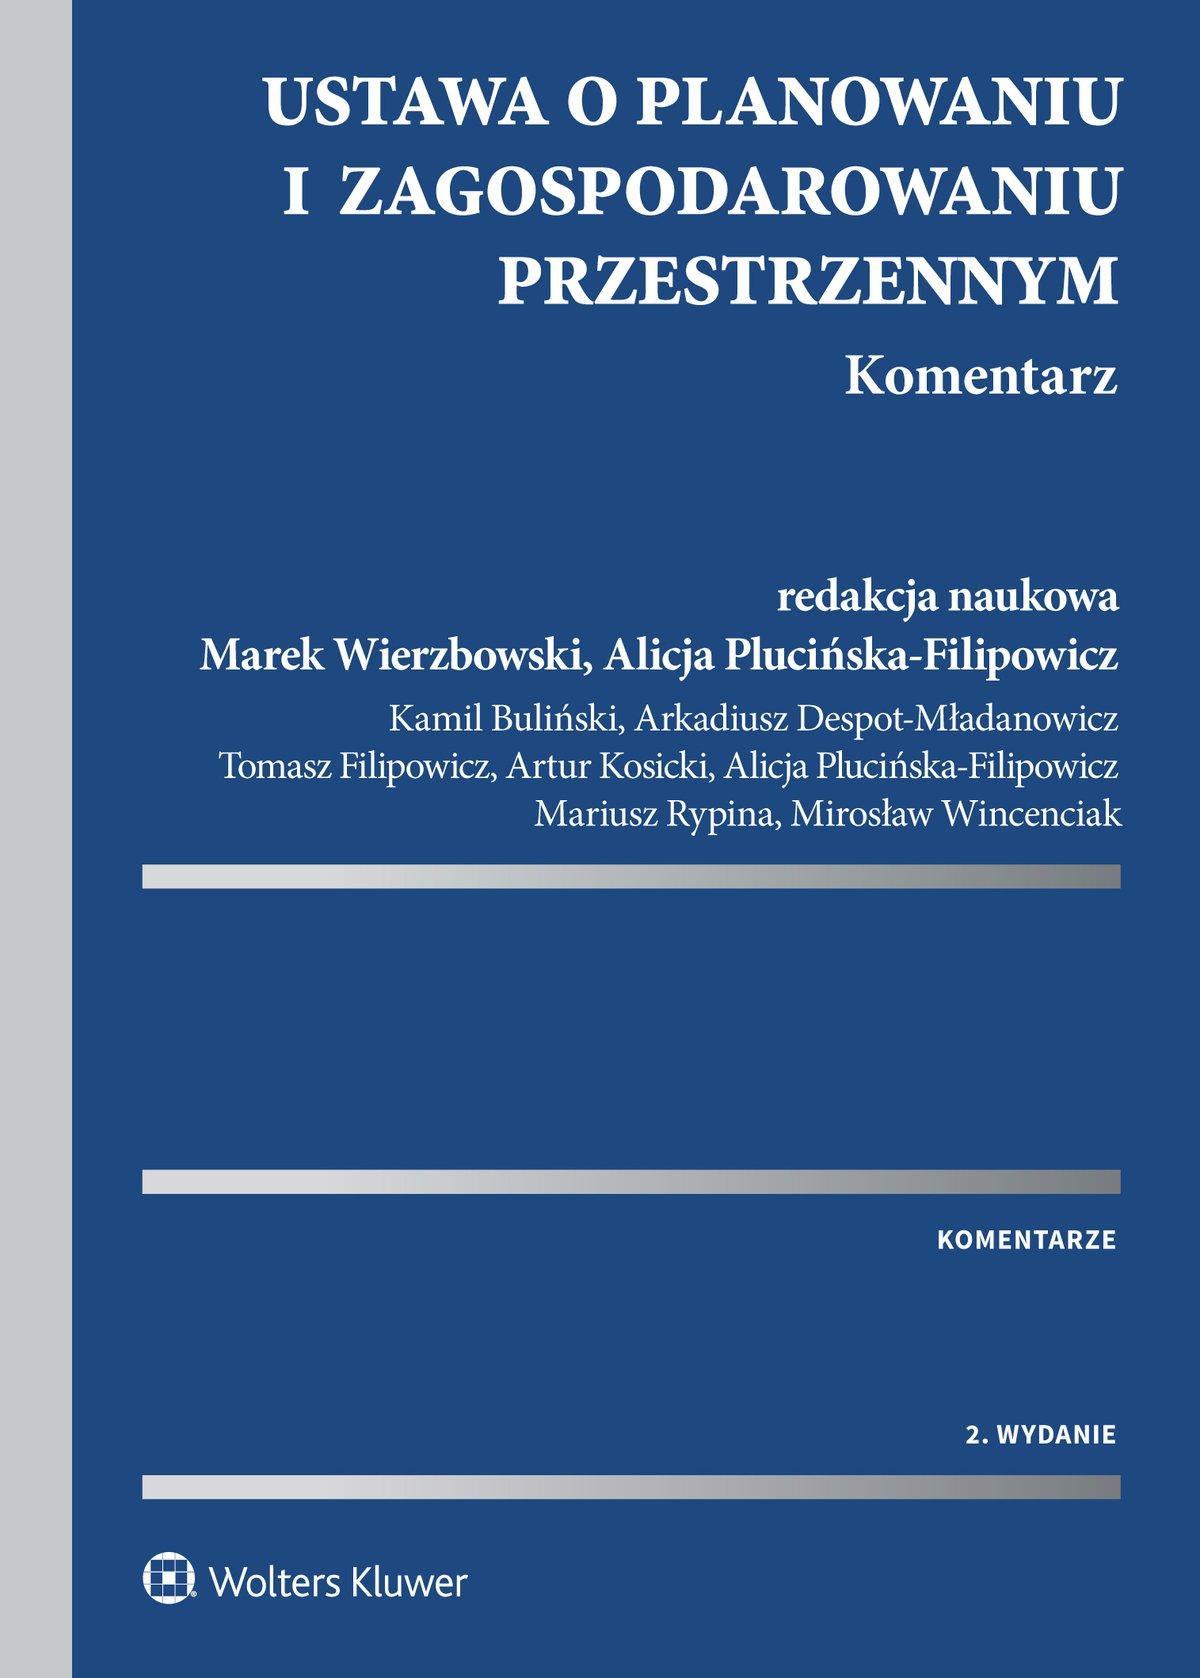 Ustawa o planowaniu i zagospodarowaniu przestrzennym. Komentarz - Ebook (Książka PDF) do pobrania w formacie PDF